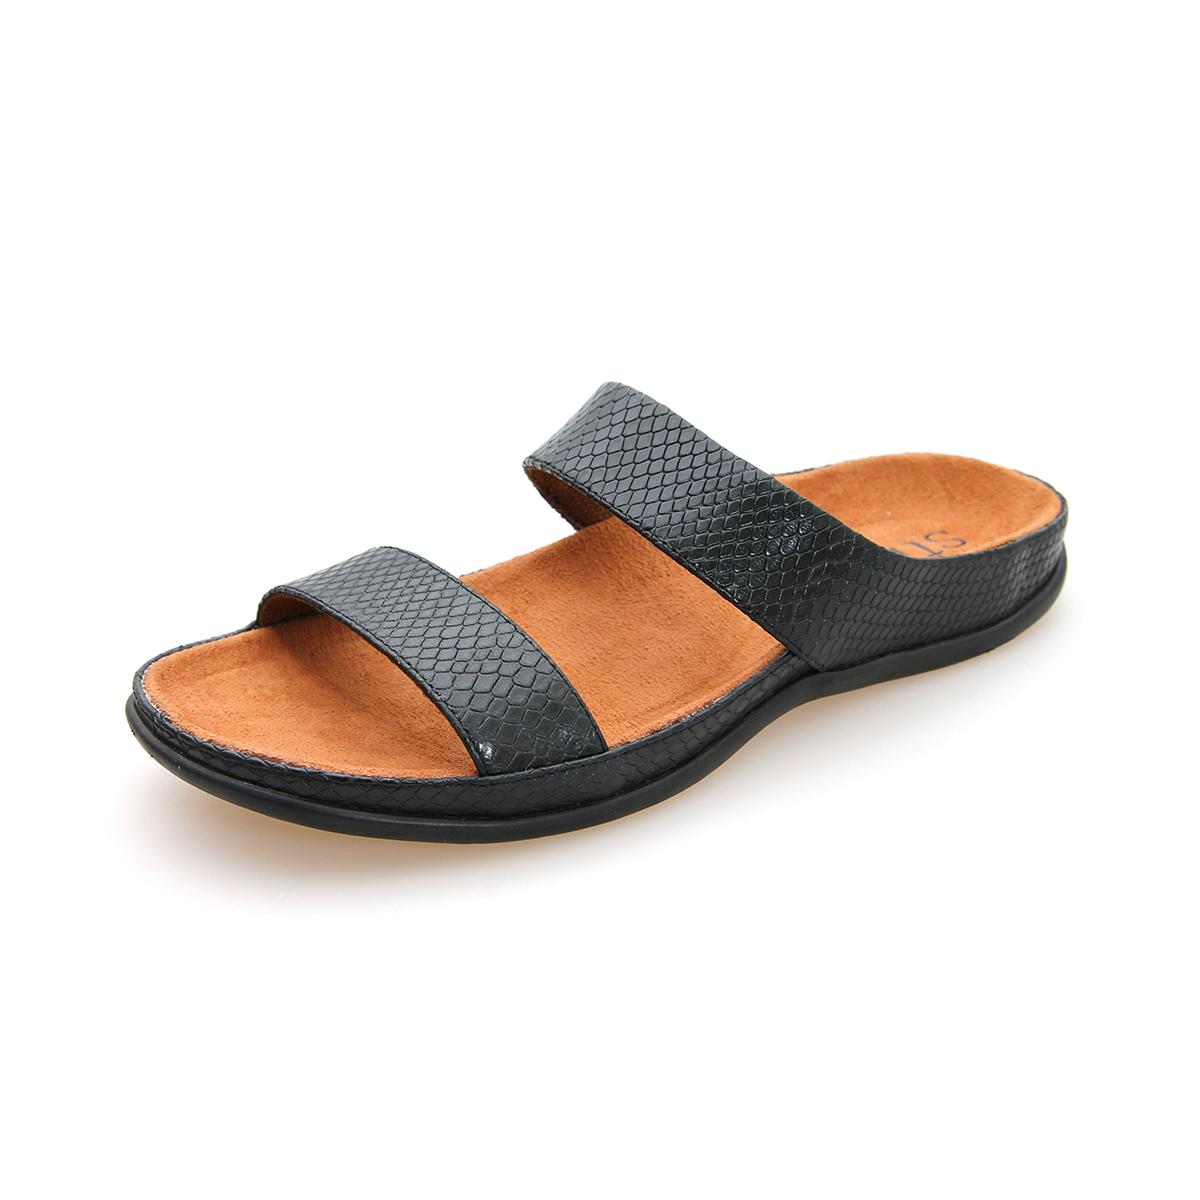 スニーカー感覚で歩き回れる「サンダル」|LOMBOK (25-25.5cm) 独自開発の立体インソールで、スニーカーみたいに歩き回れる「サンダル」